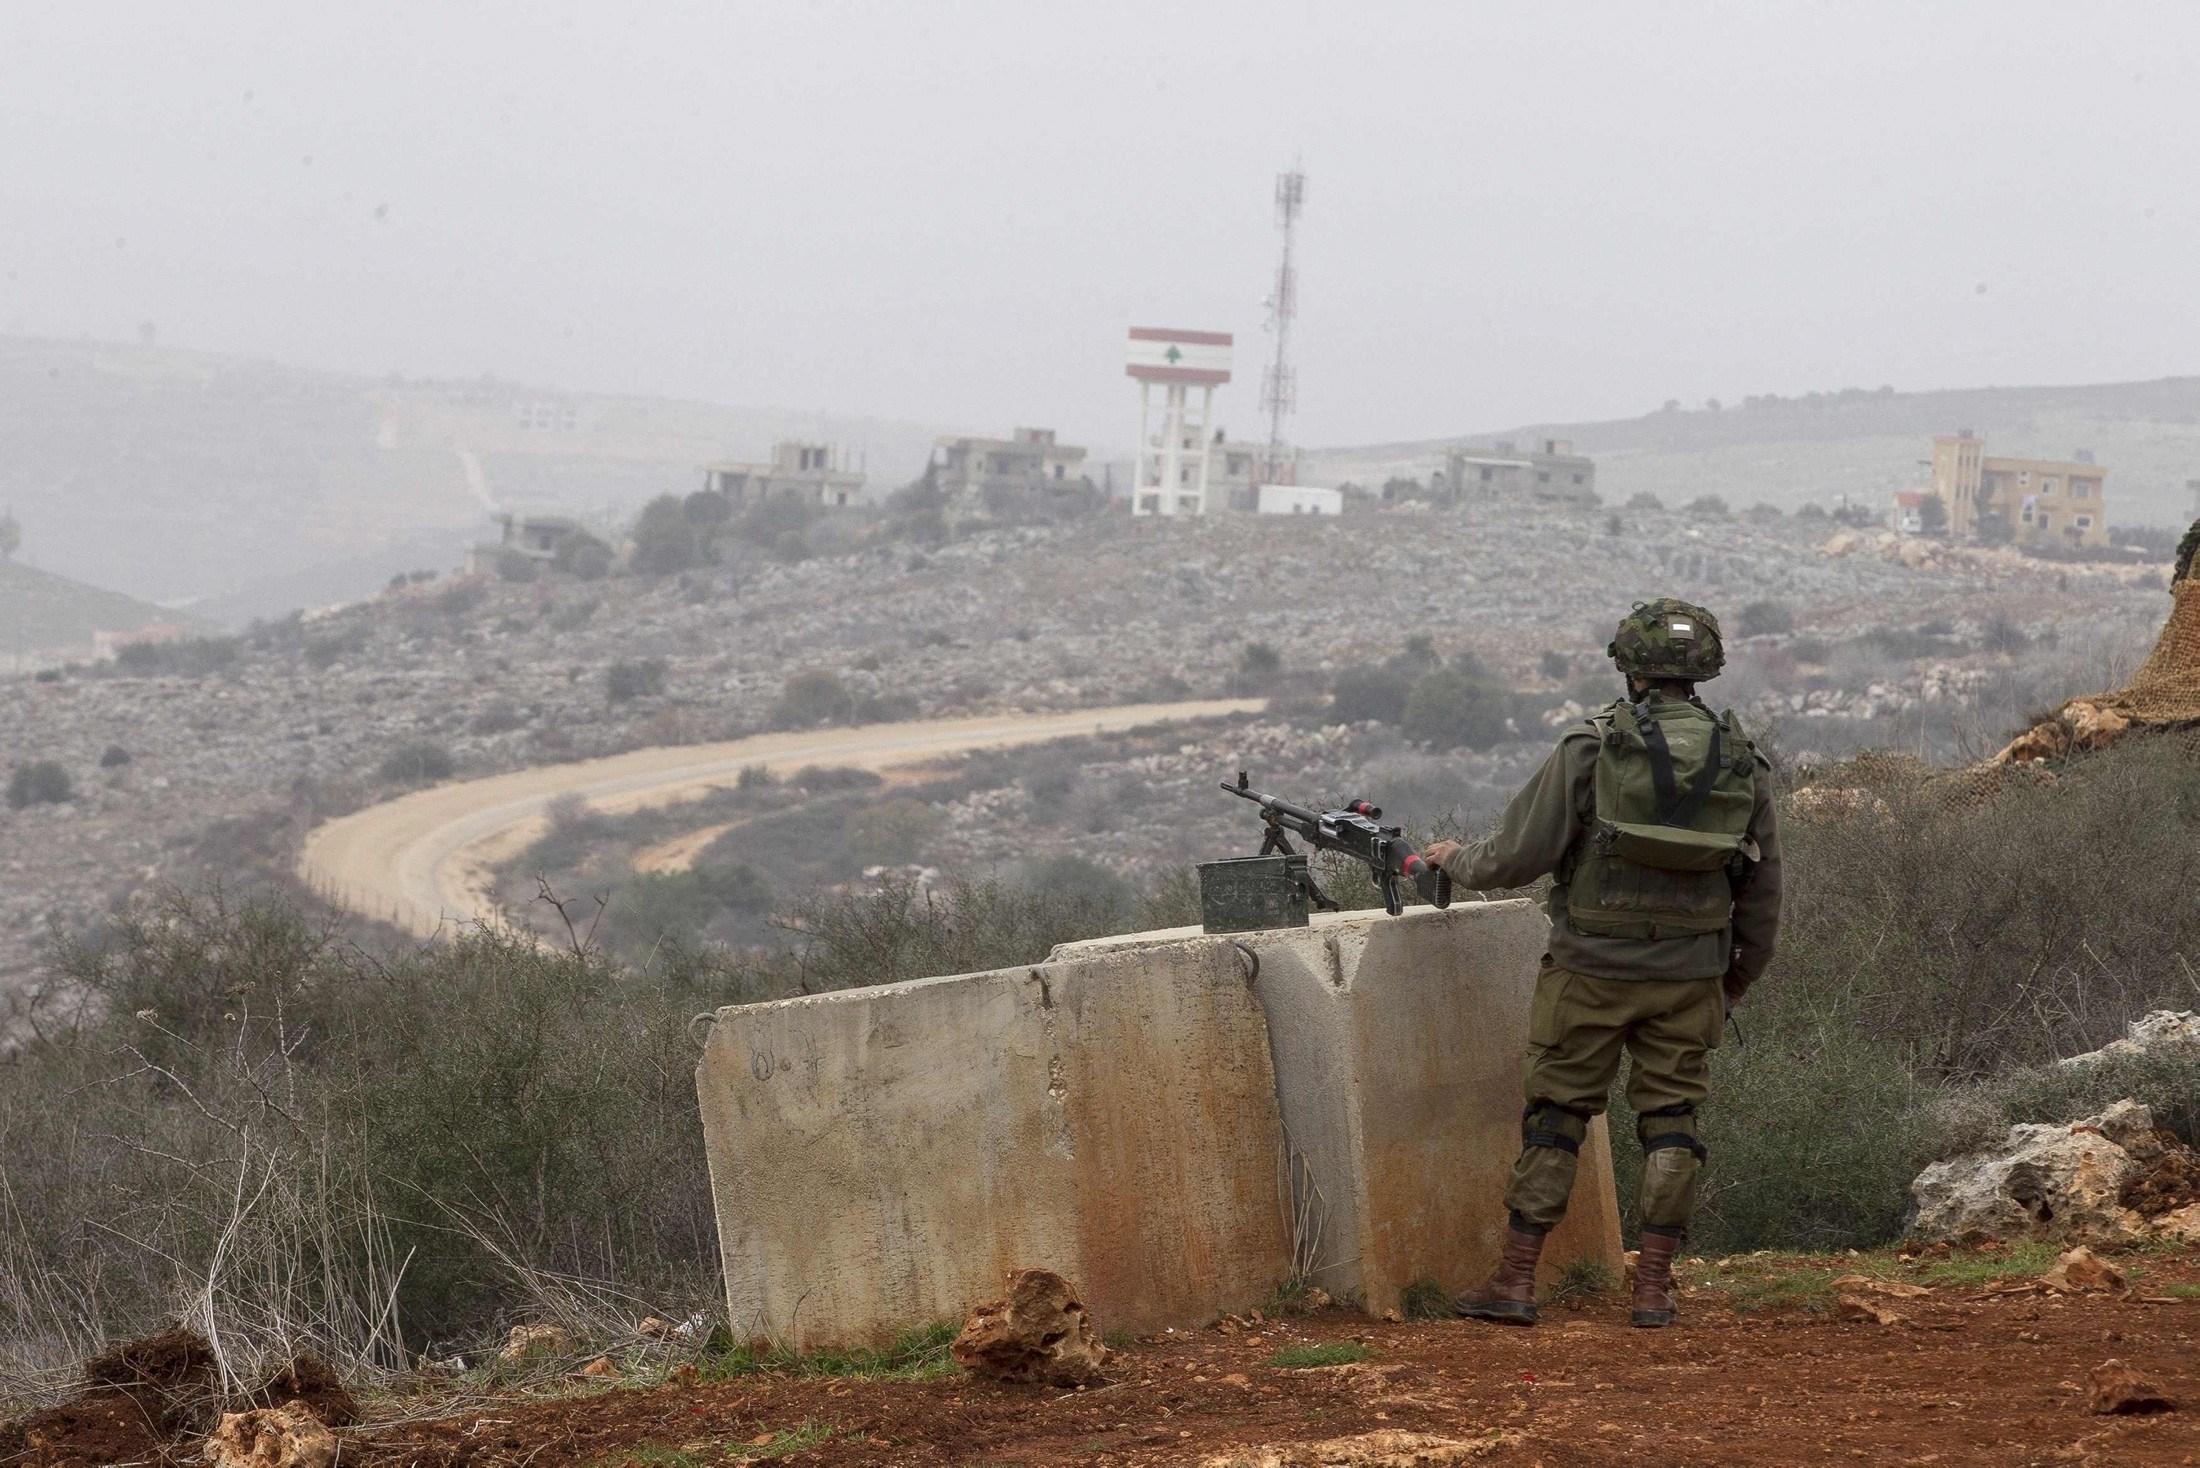 التحرّش الإسرائيليّ بلبنان: جسّ نبض للتصعيد؟